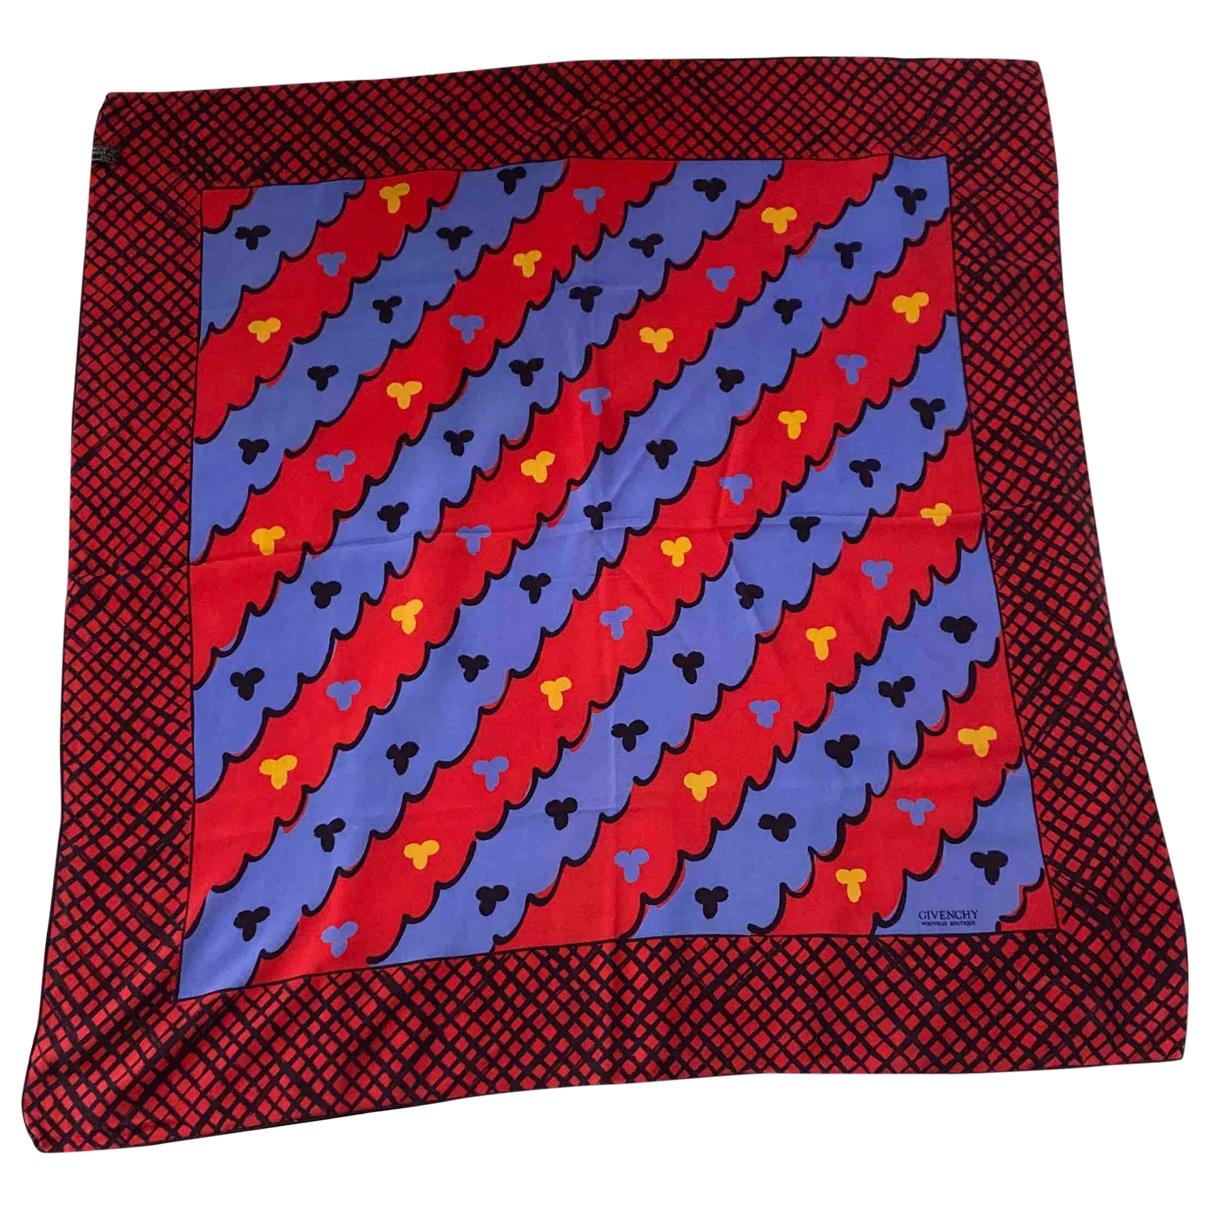 Pañuelo de Seda Givenchy